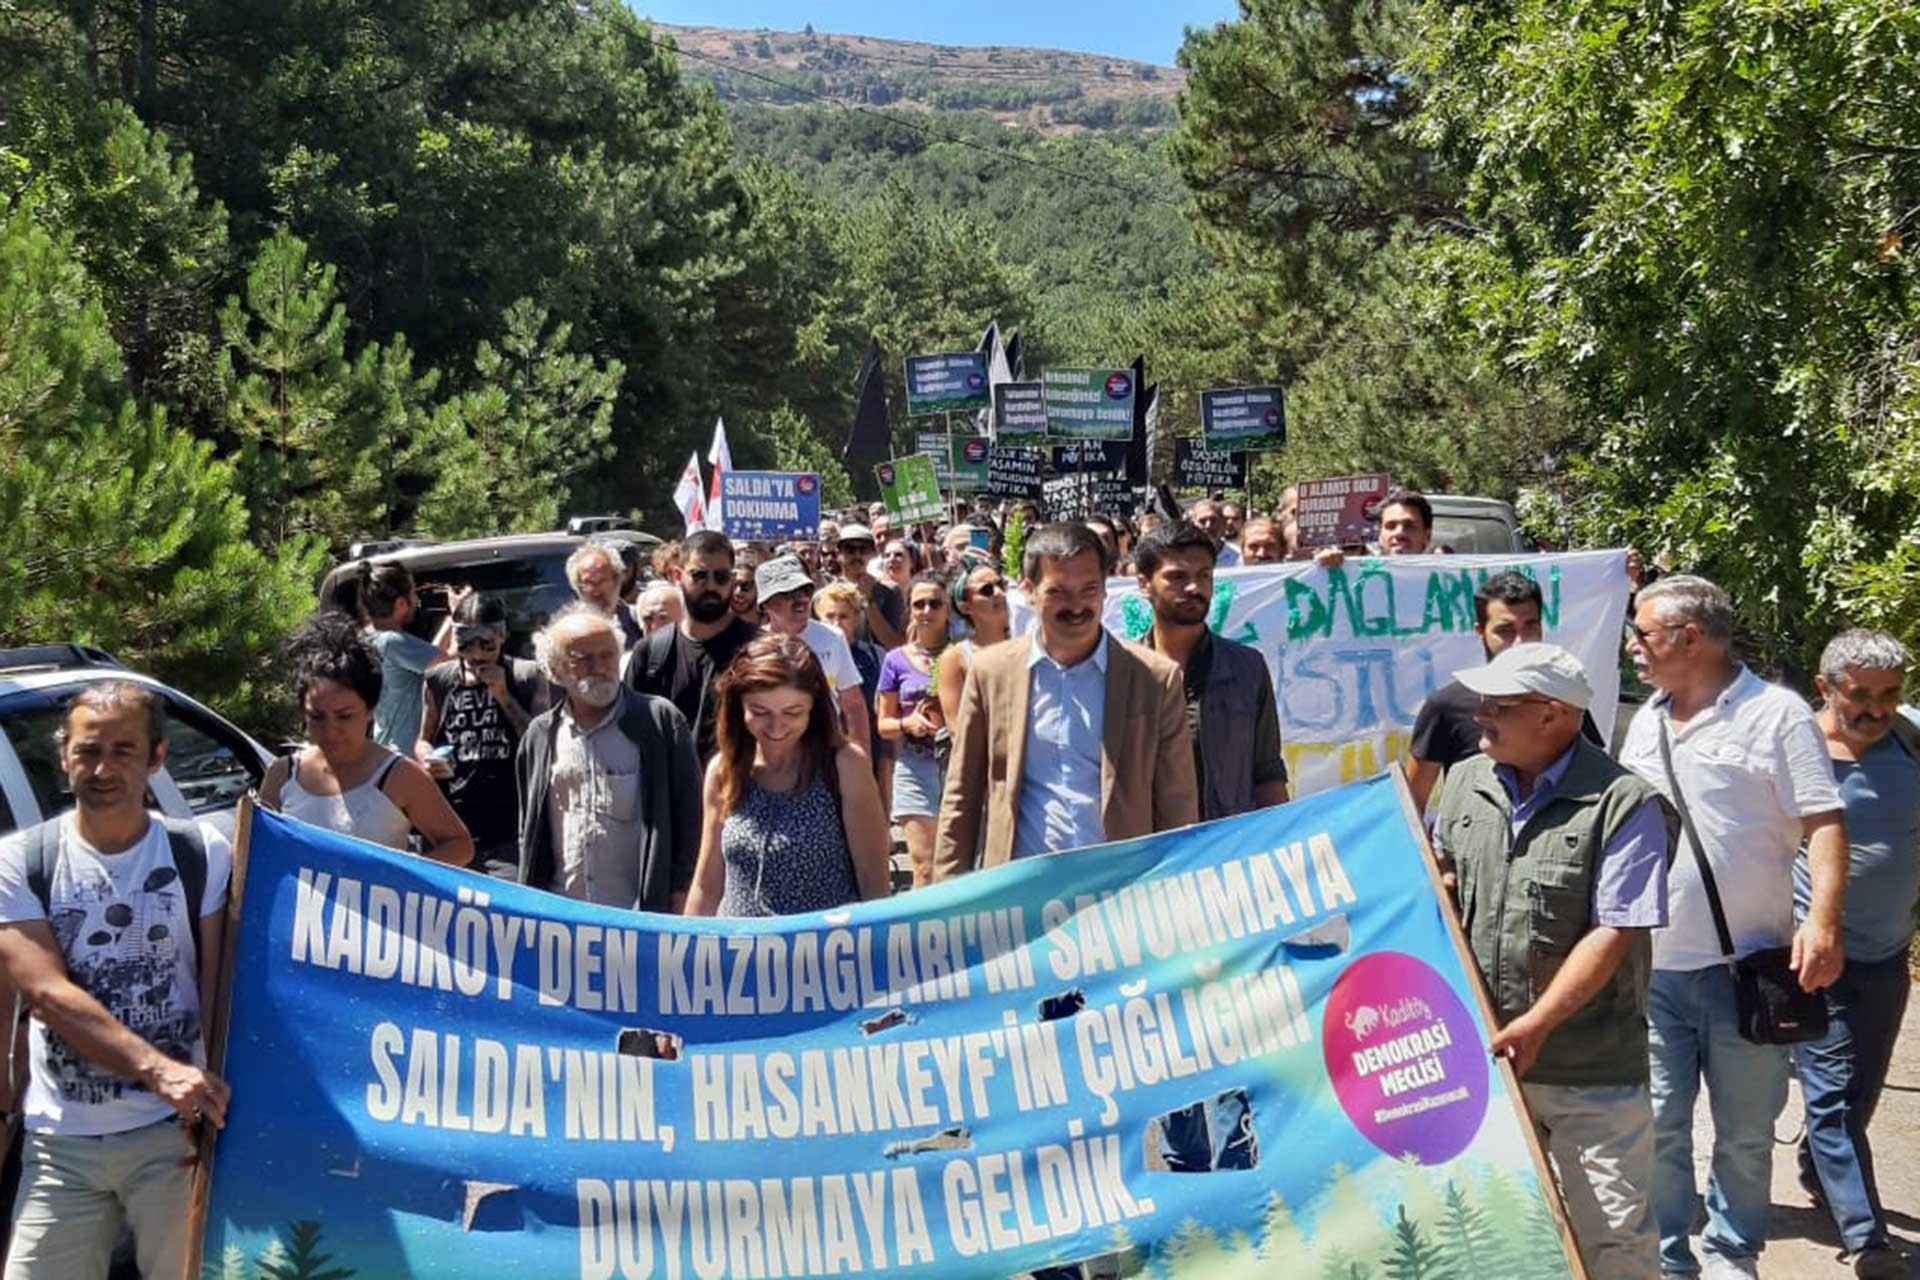 Kaz Dağları direnişine kitlesel ziyaret: Beraber dur dersek başarırız